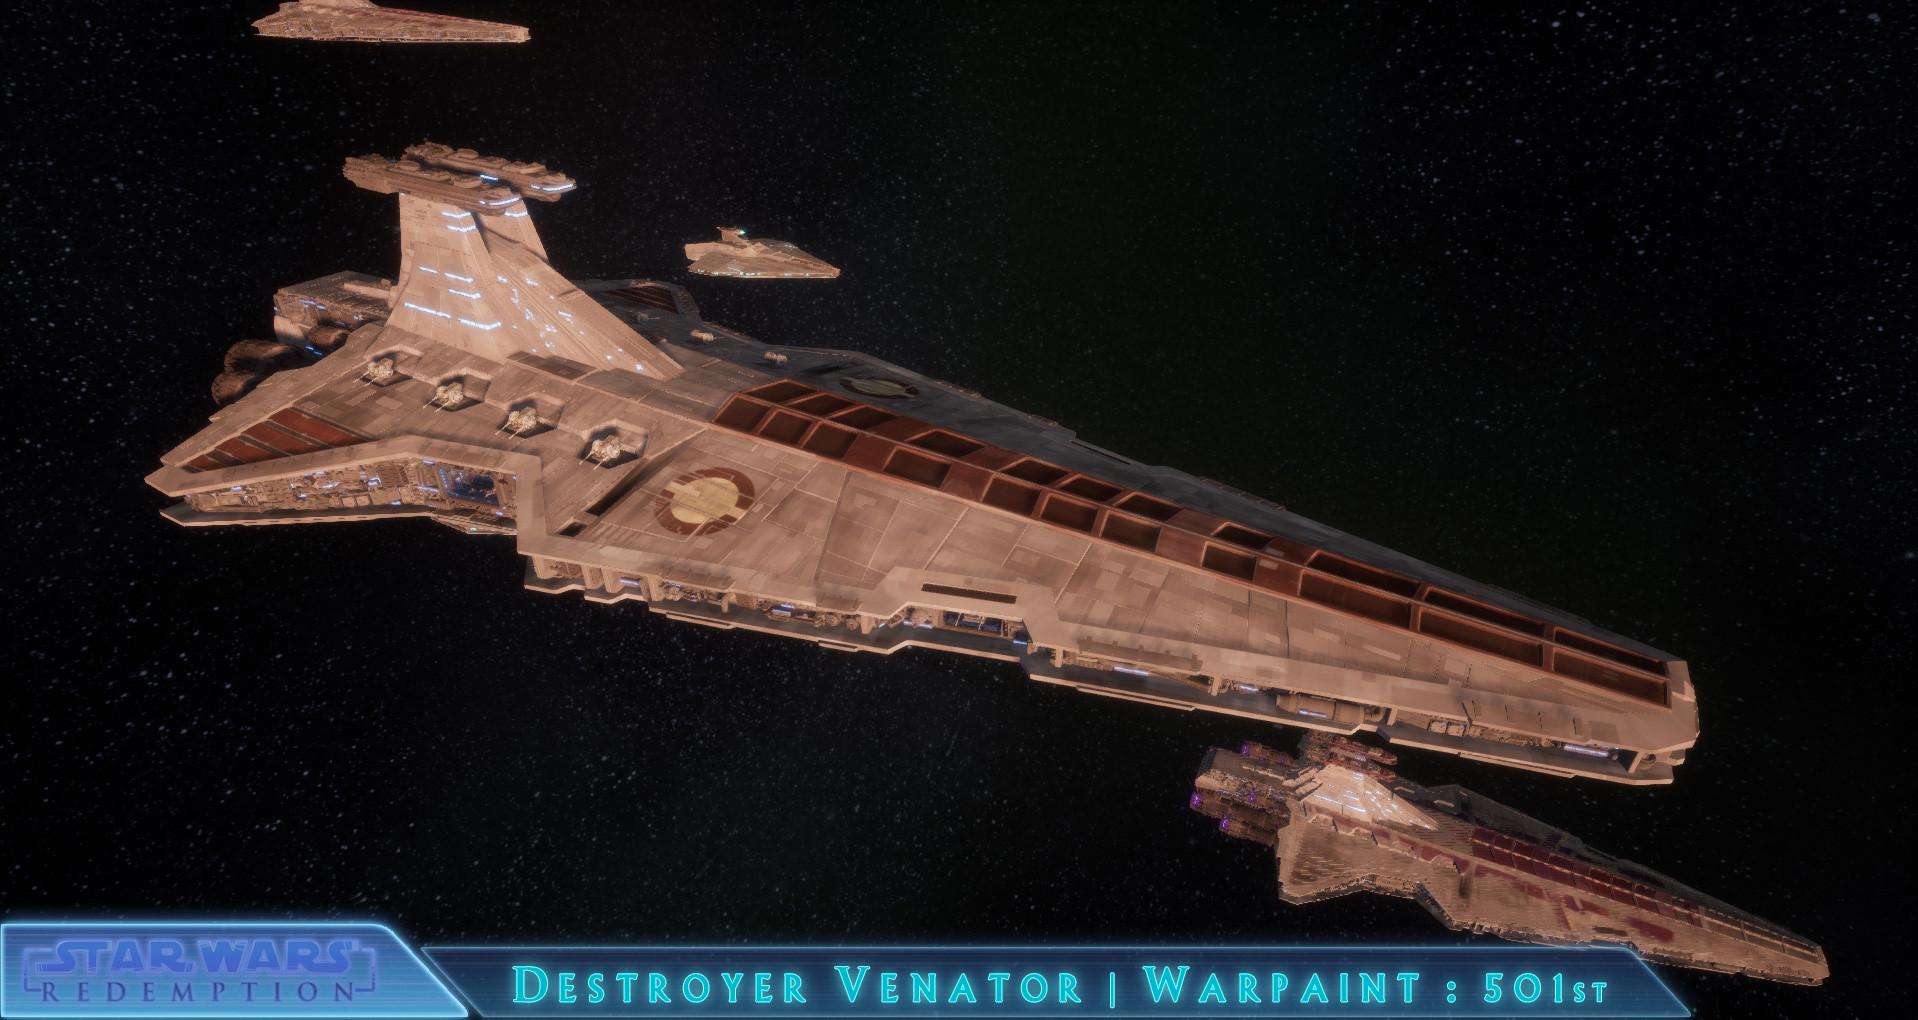 etienne-beschet-venator-warpaint-501st.j